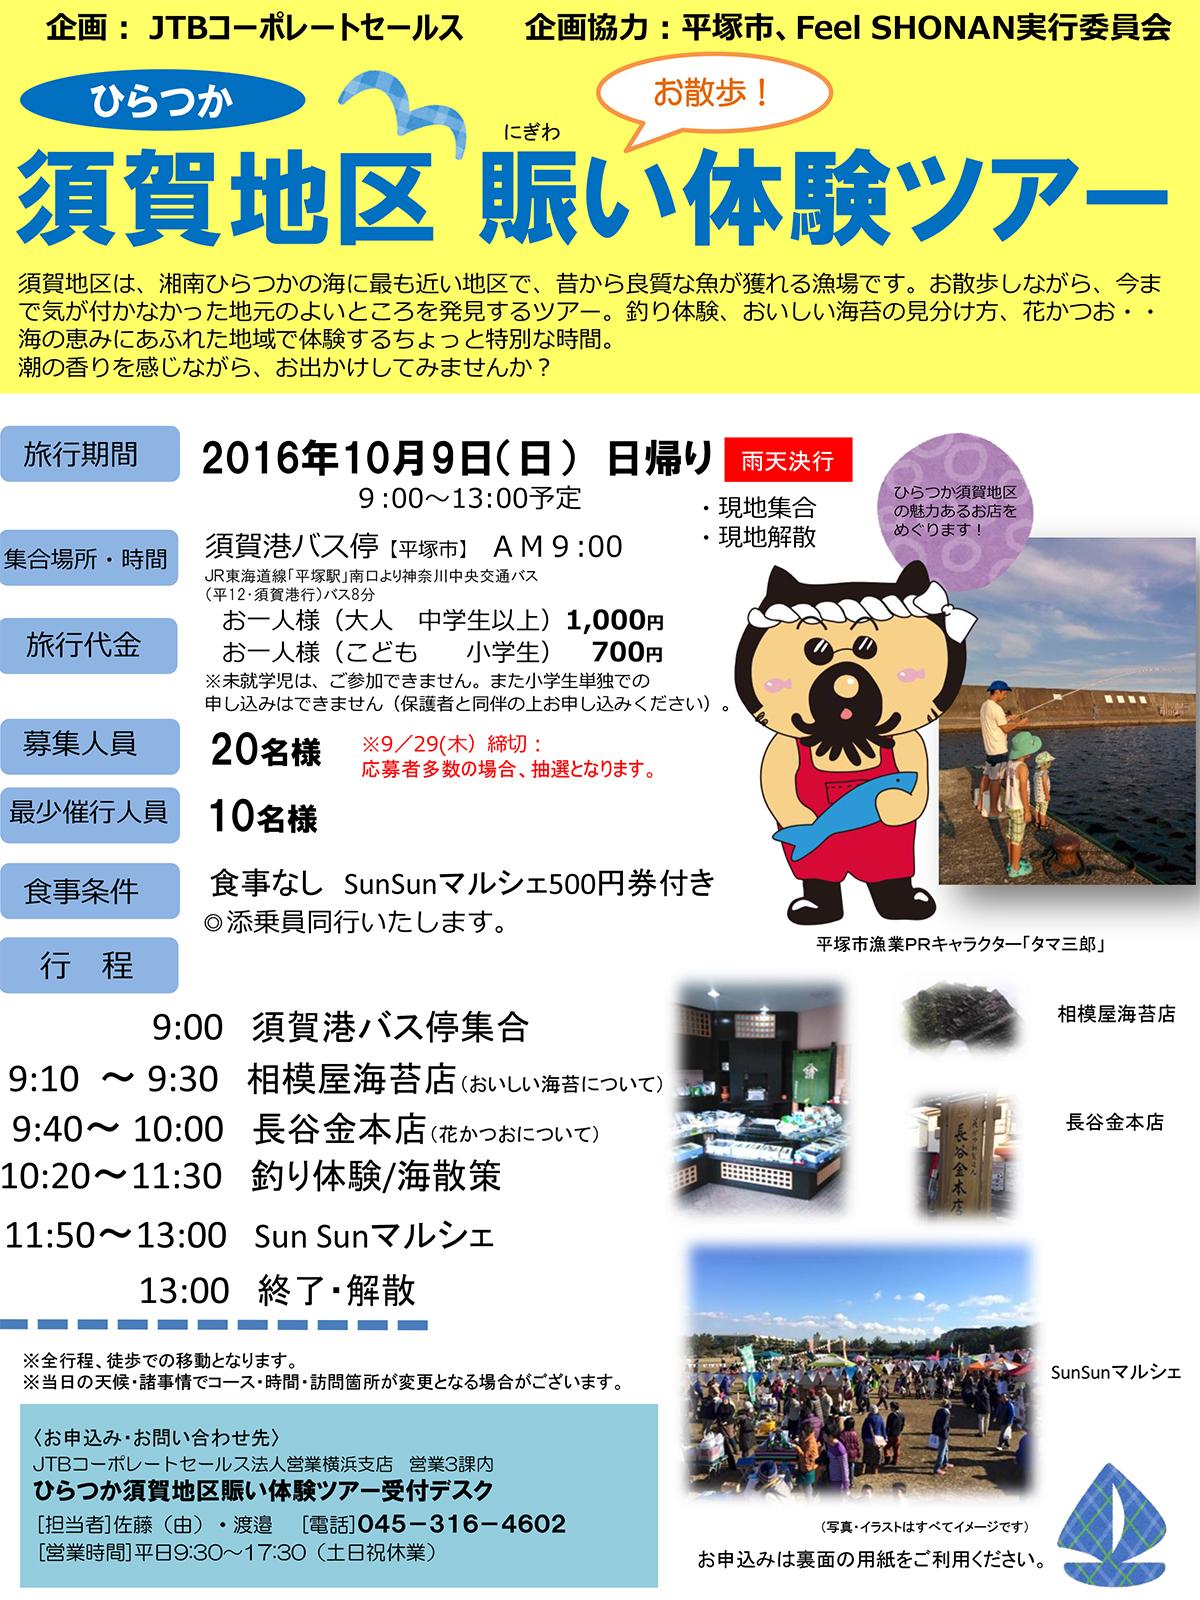 須賀地区を散策!新たな発見ツアー募集